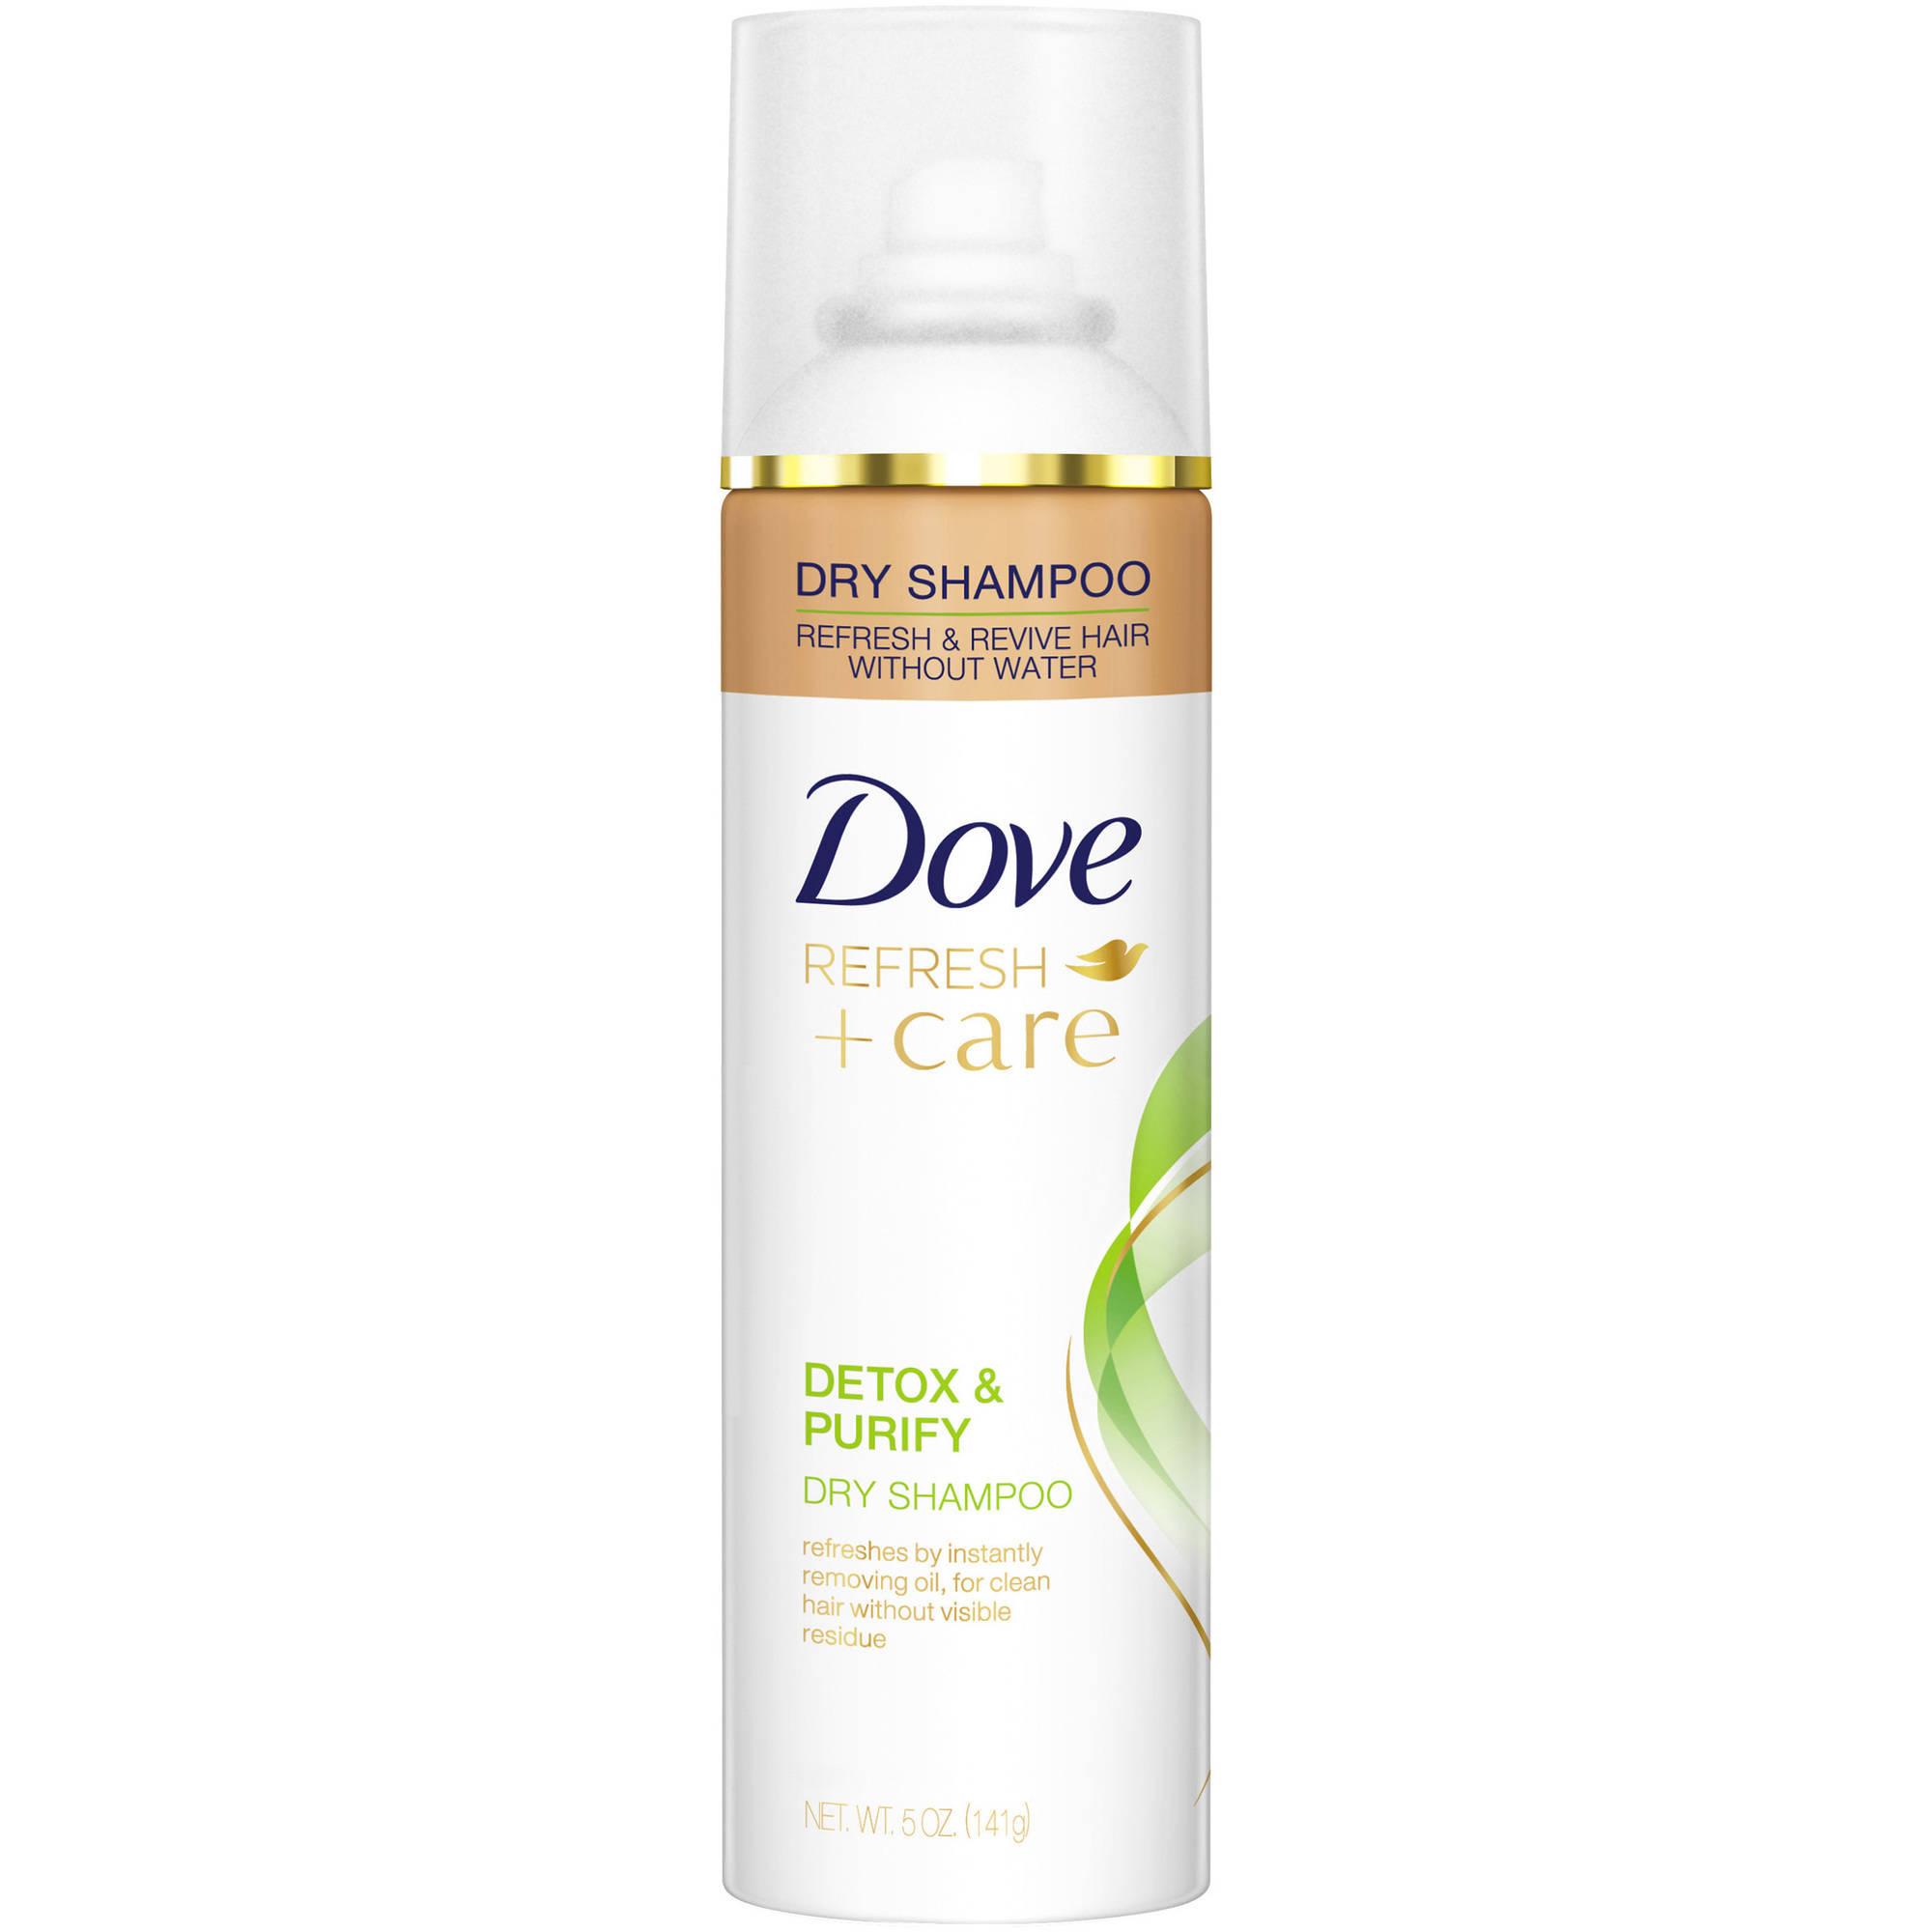 Dầu gội khô Dove giúp bạn tiết kiệm thời gian mà vẫn có được mái tóc sạch gàu, bóng khỏe